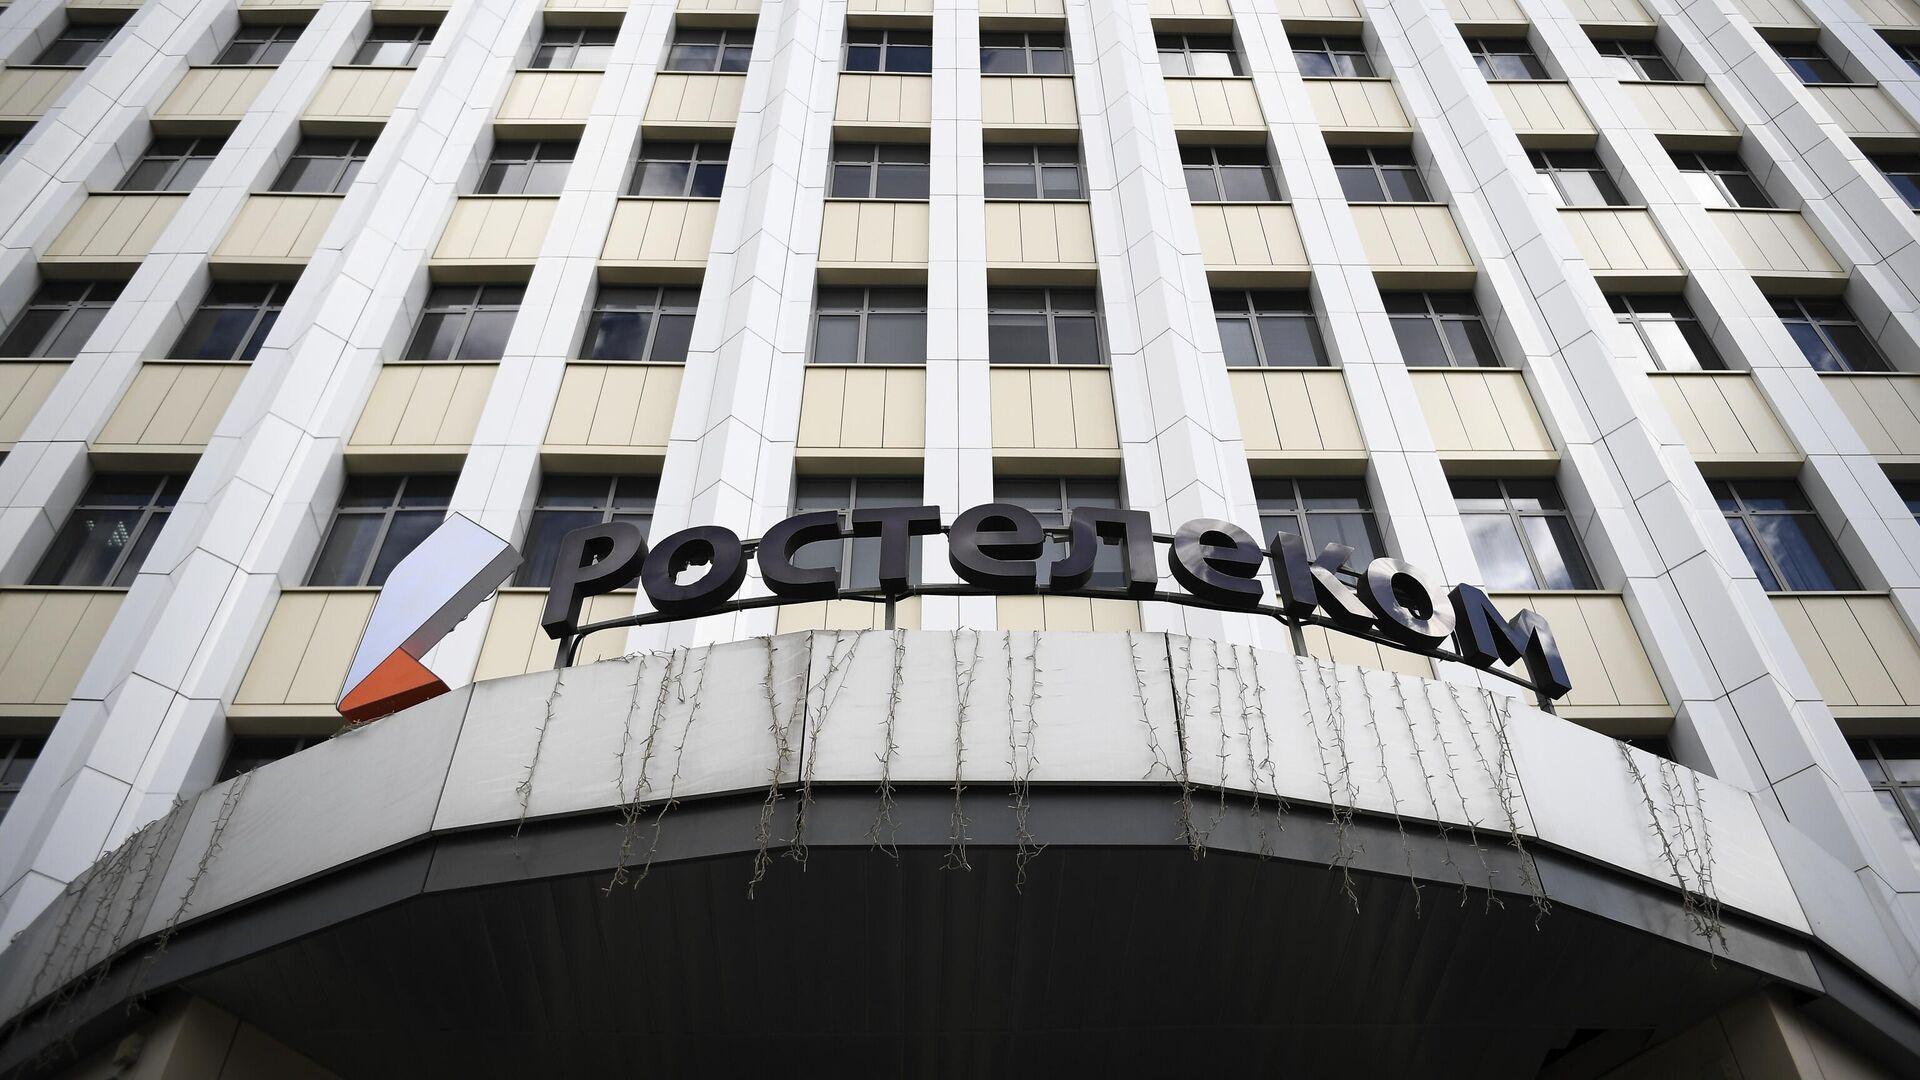 Здание компании Ростелеком на улице Гончарная в Москве - РИА Новости, 1920, 14.09.2021